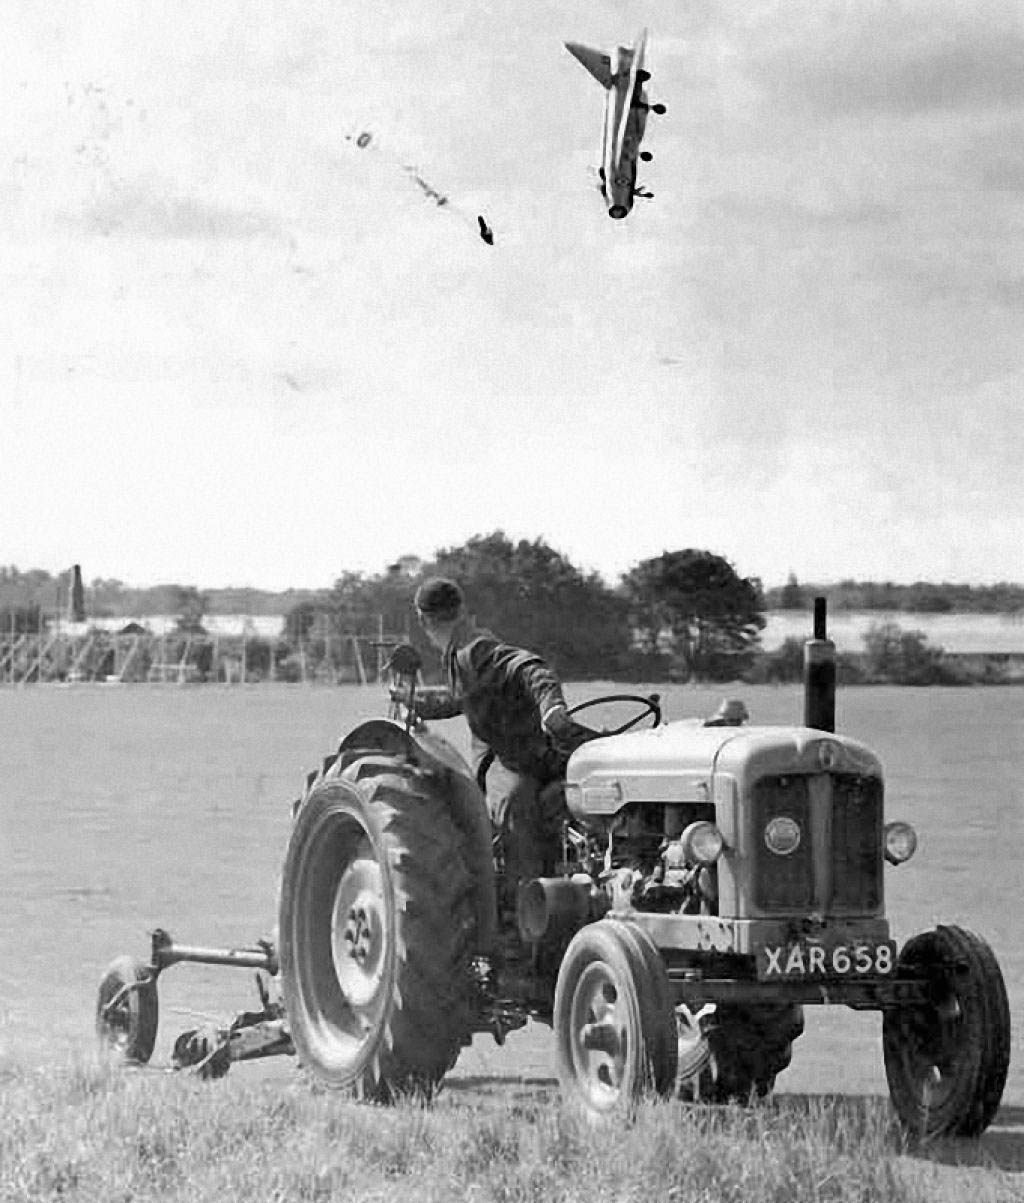 1962. George Aird extrém alacsony magasságból katapultál Electric Lightning F1 gépéből. Apróbb sérüléssel megúszta. Hatfield, Hertfordshire, Anglia..jpg